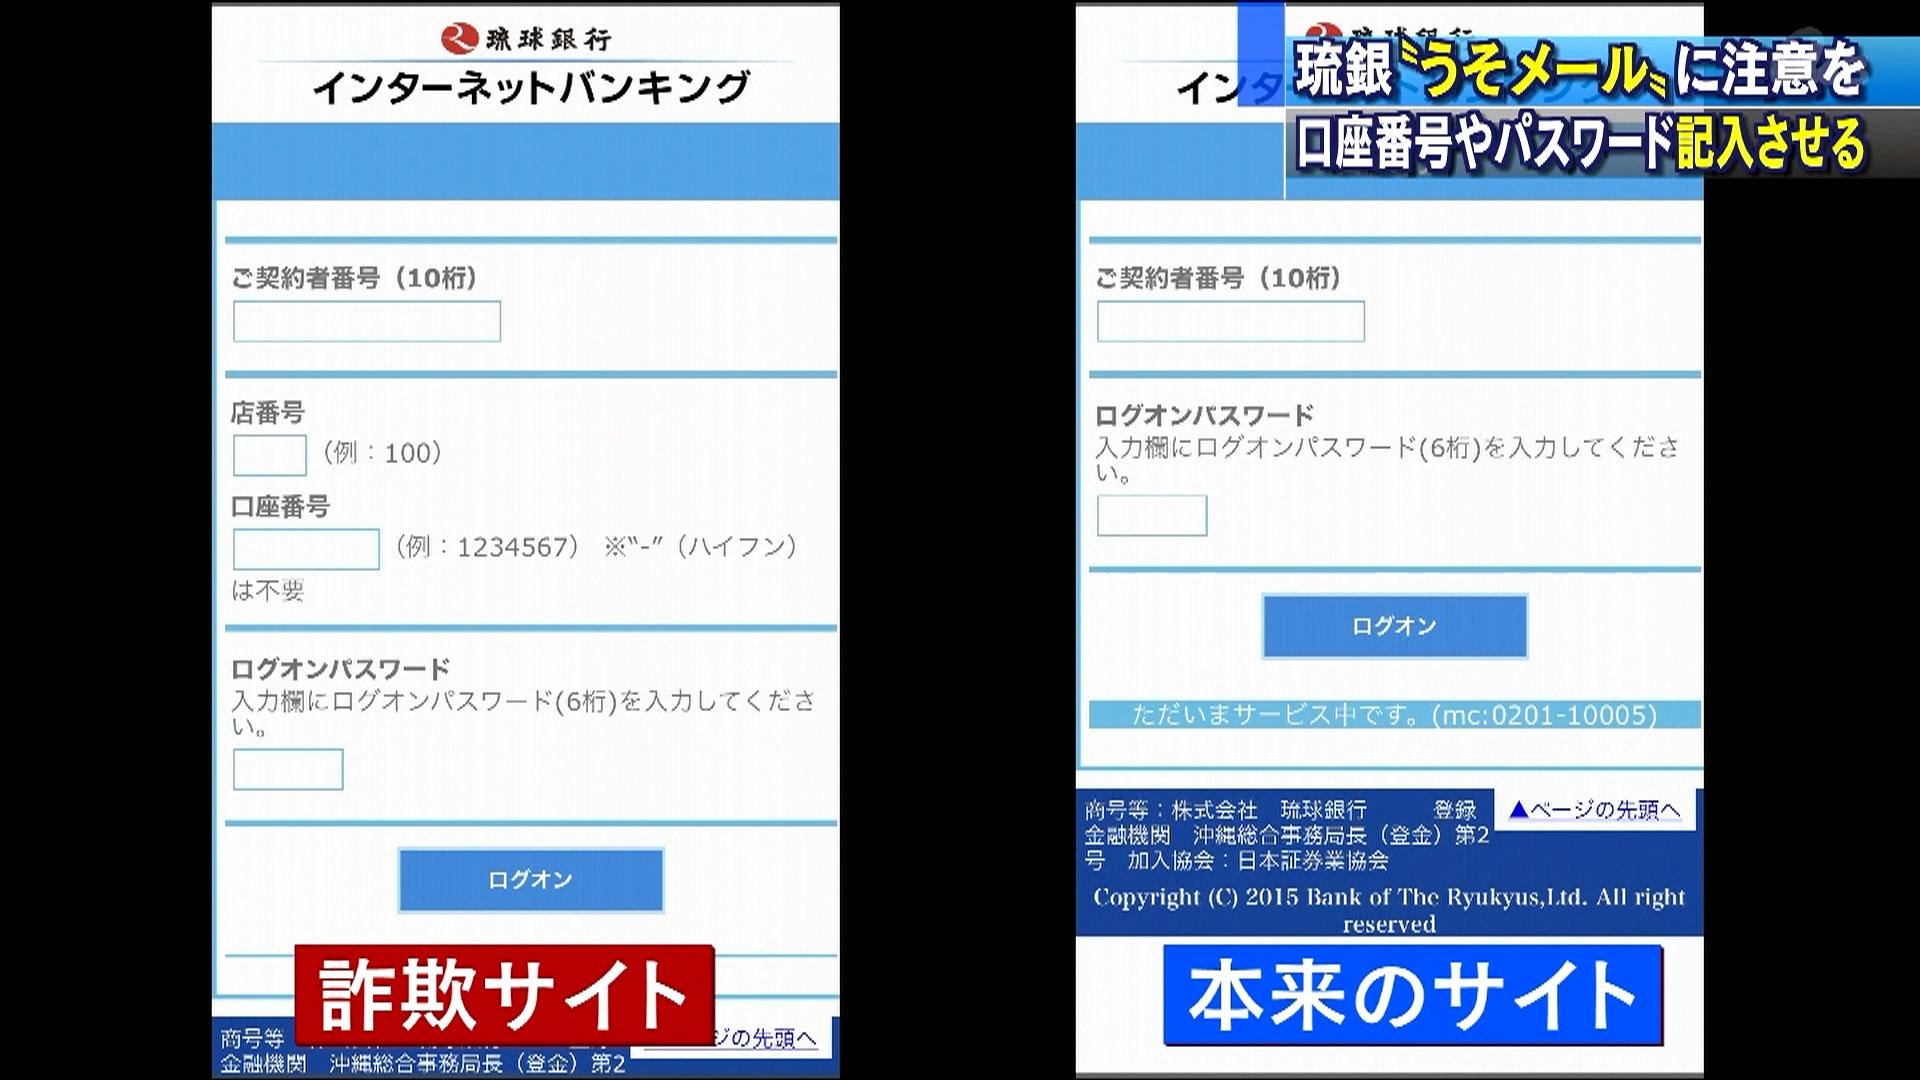 琉銀から詐欺メール すでに479万円の被害